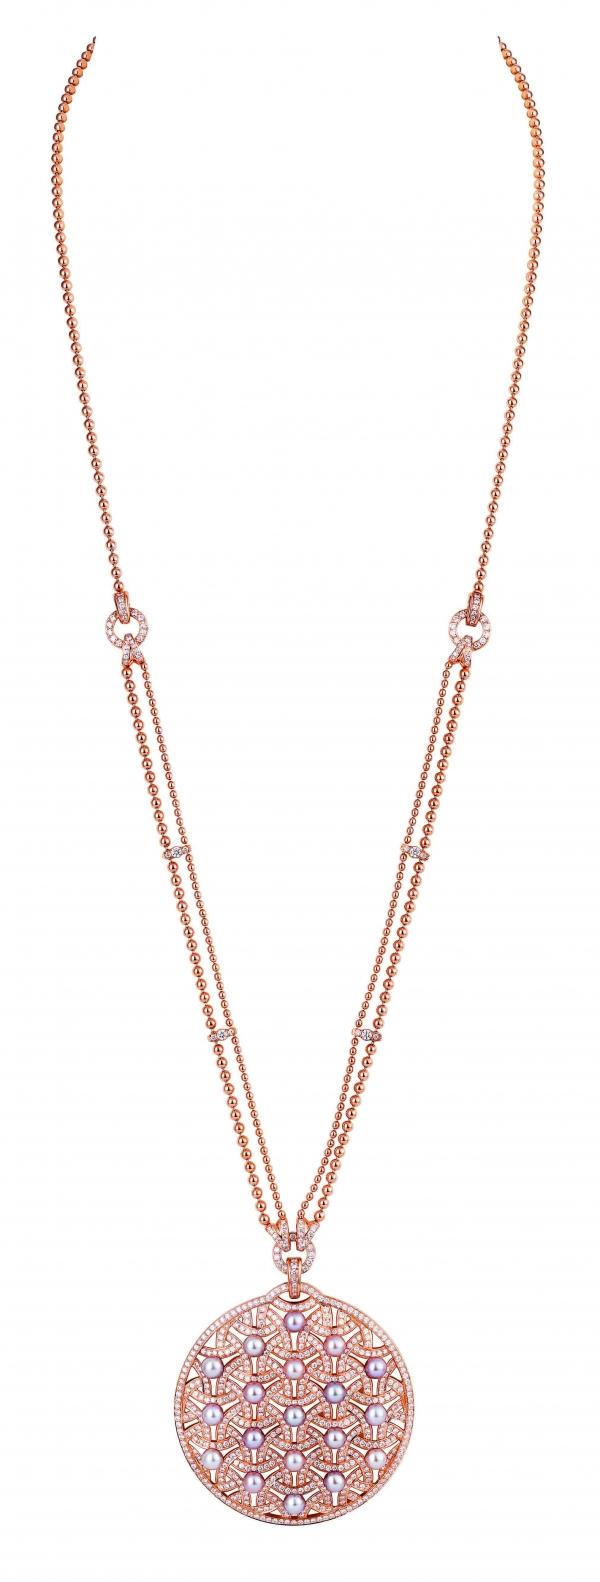 卡地亞Paris Nouvelle Vague系列Impertinente戒指,白K金鑲嵌鑽石、黑色縞瑪瑙與青金石,參考價格約NT$ 670,000。